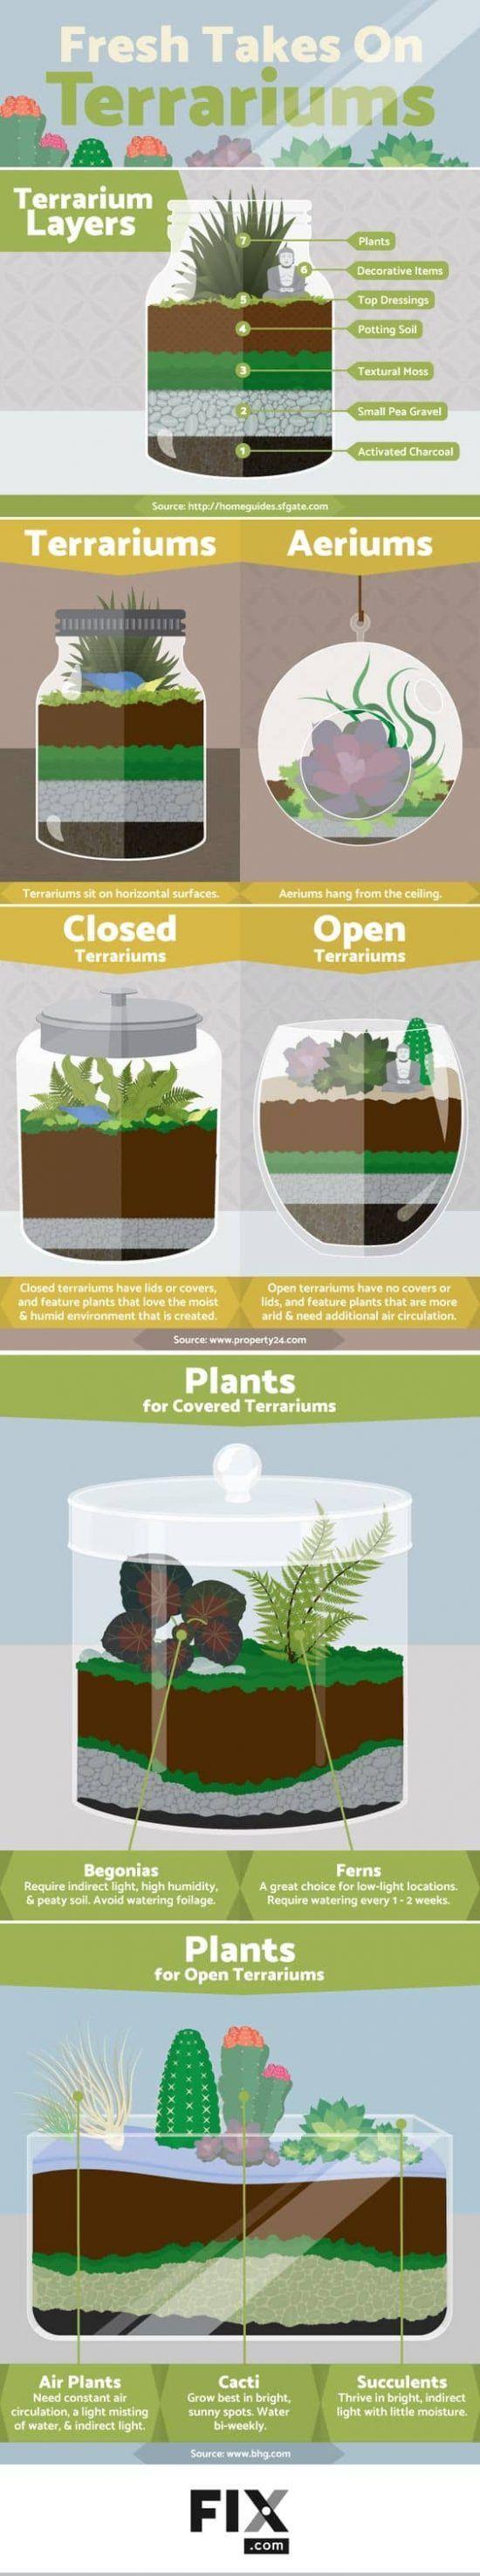 best sustainability images on pinterest sustainability